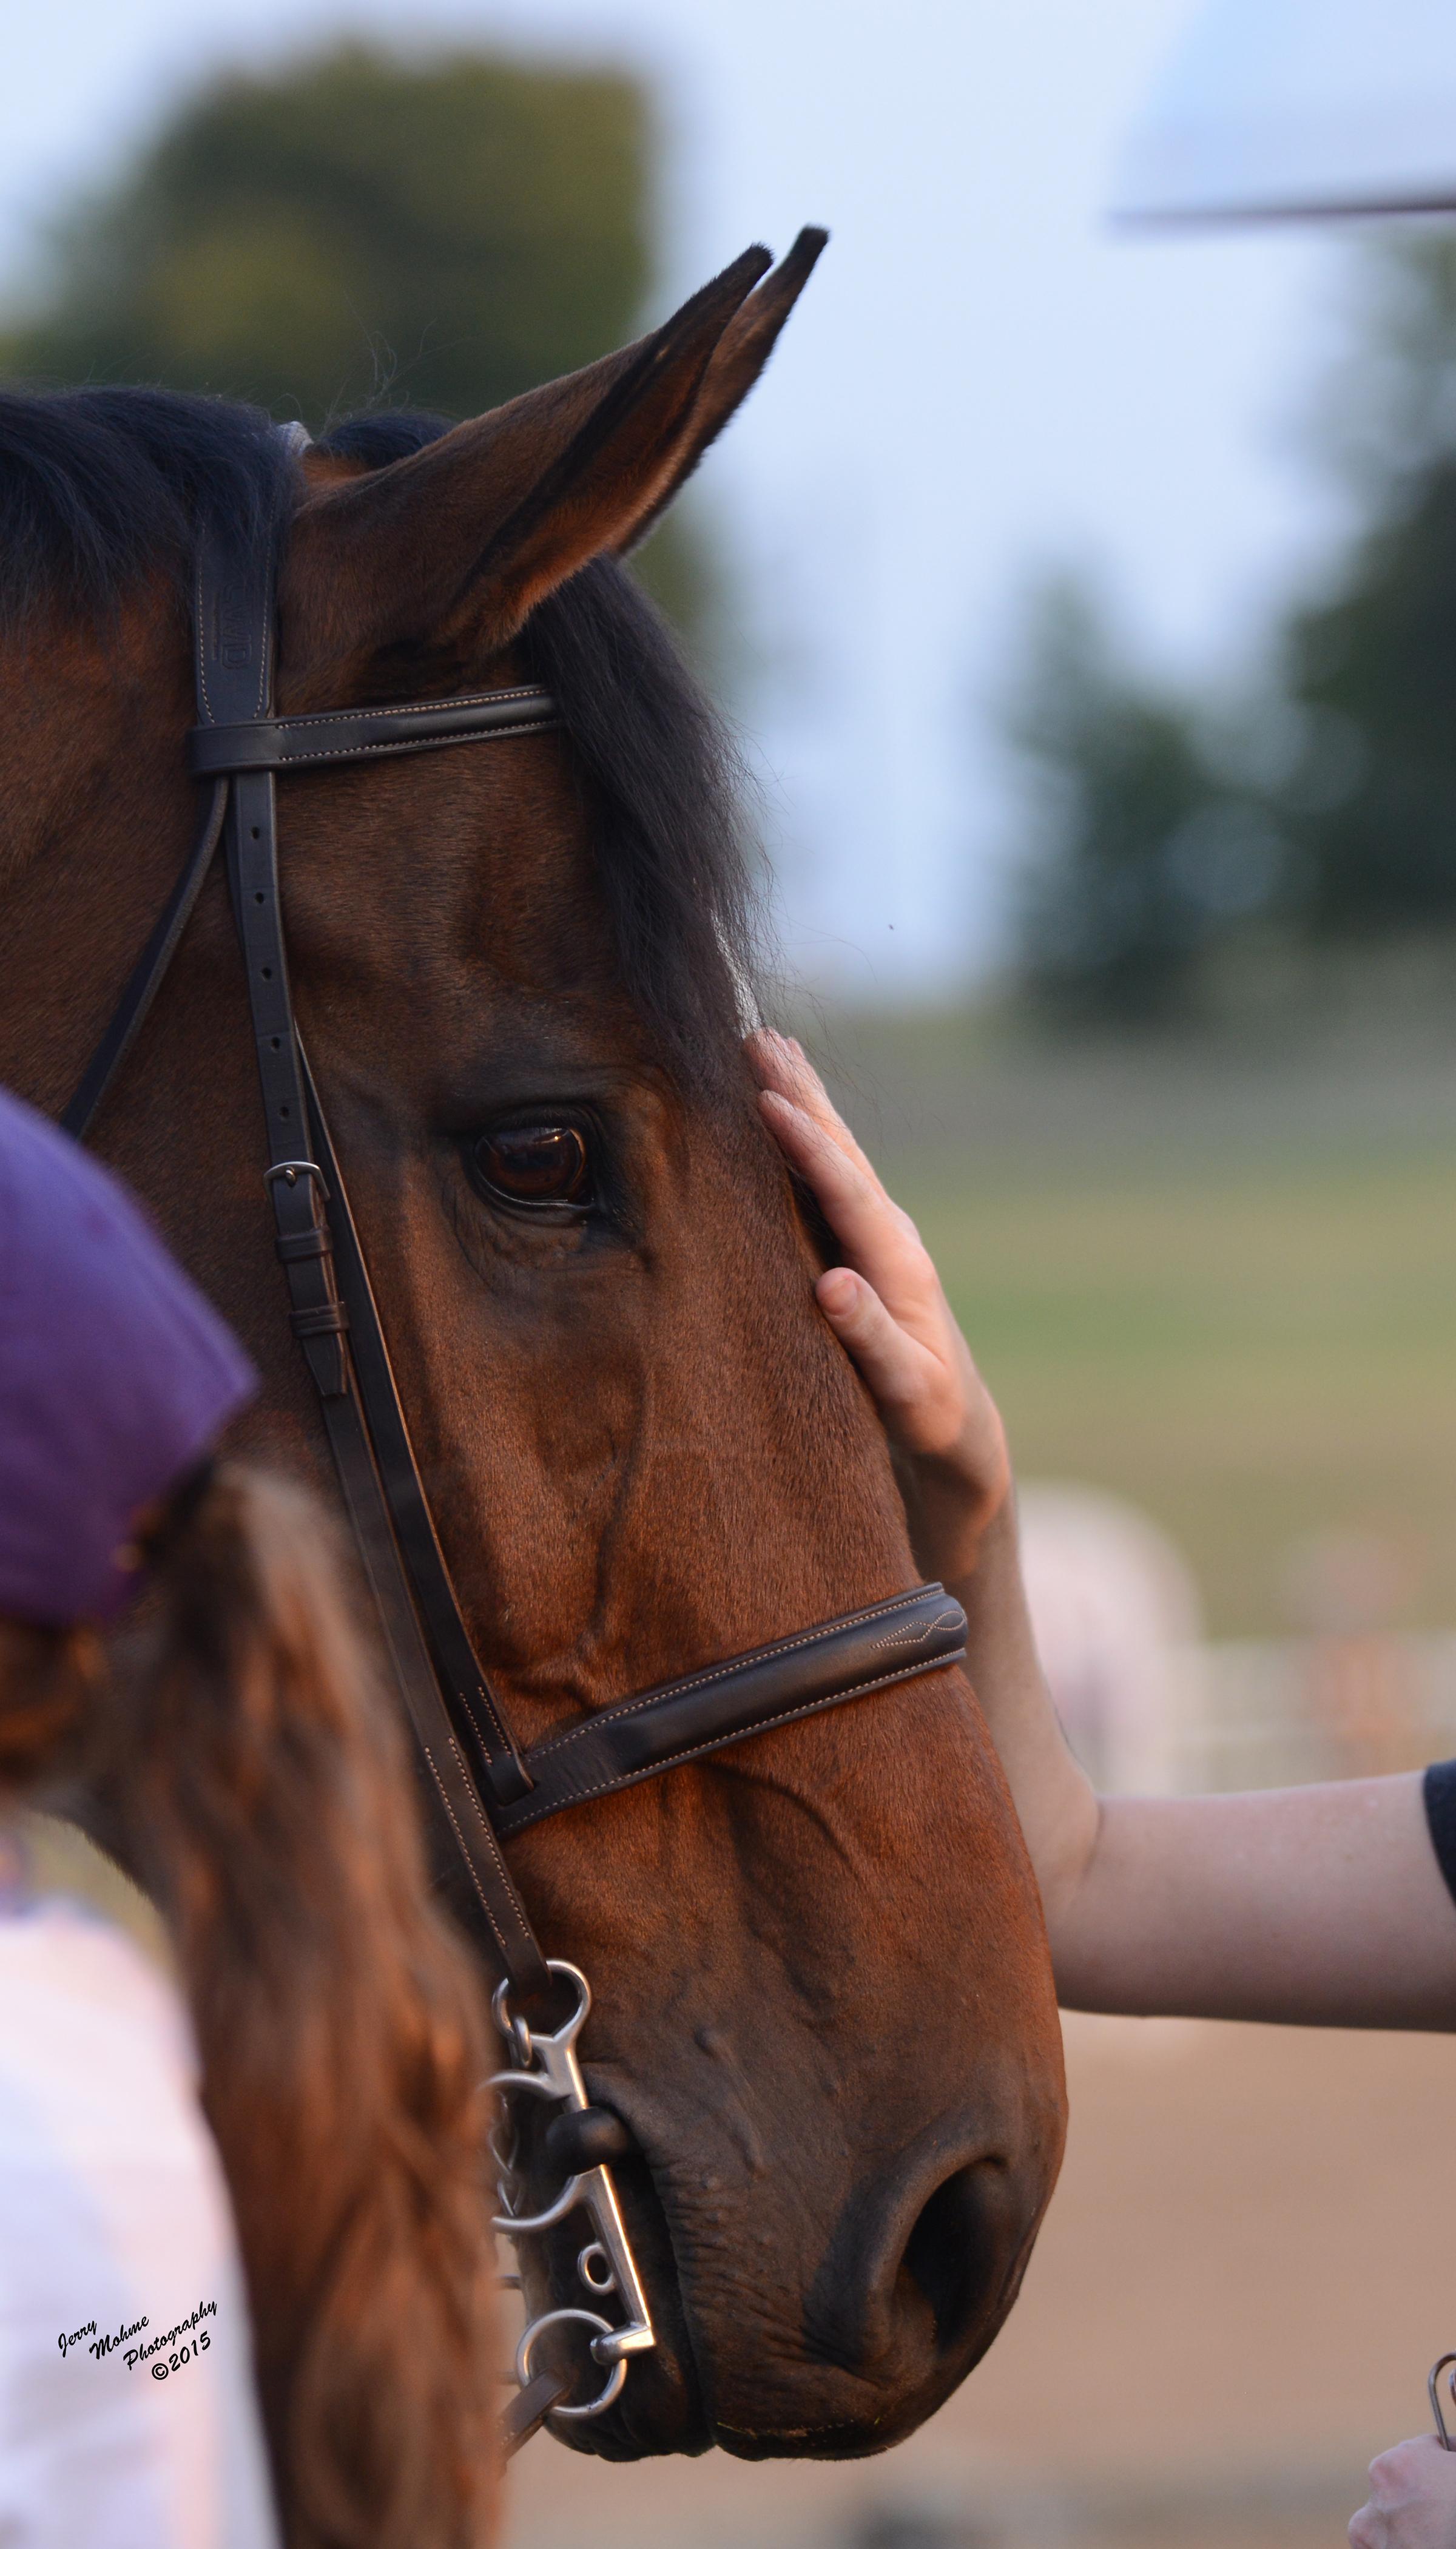 petting horse.jpg